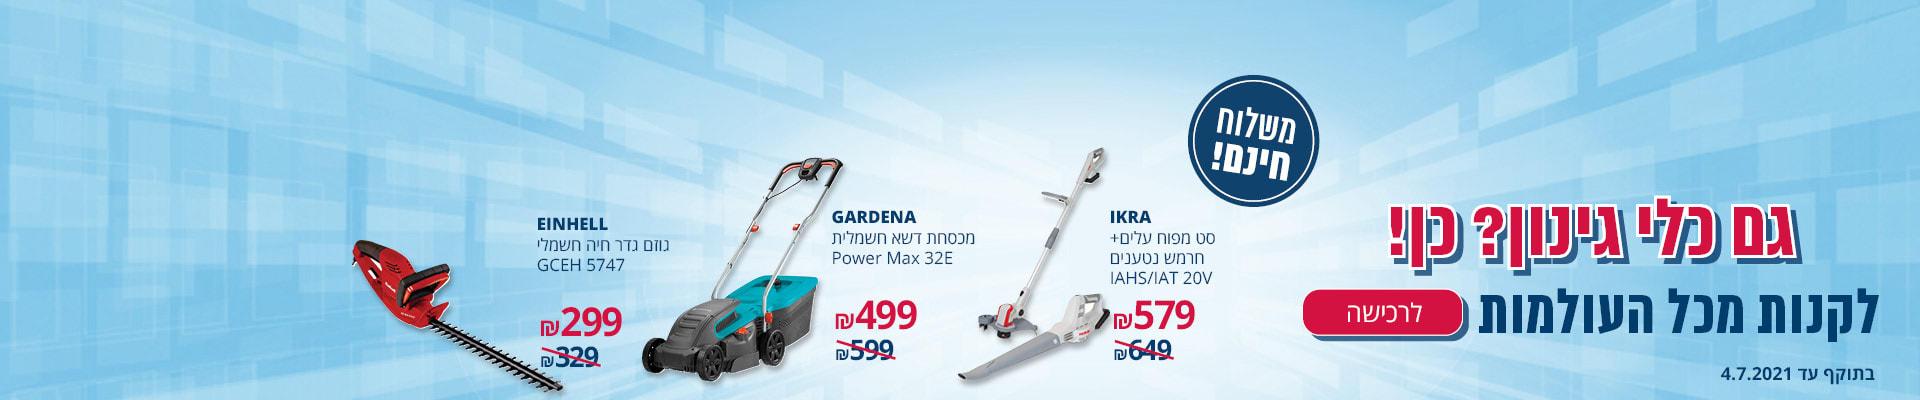 גם כלי גינון? כן! IKRA סט מפוח עלים+חרמש נטענים 579₪ GARDENA מכסחת דשא חשמלית POWER MAX 32E 499₪ EINHELL גוזם גדר חיה חשמלי 299₪ משלוח חינם תוקף עד 4.7.2021